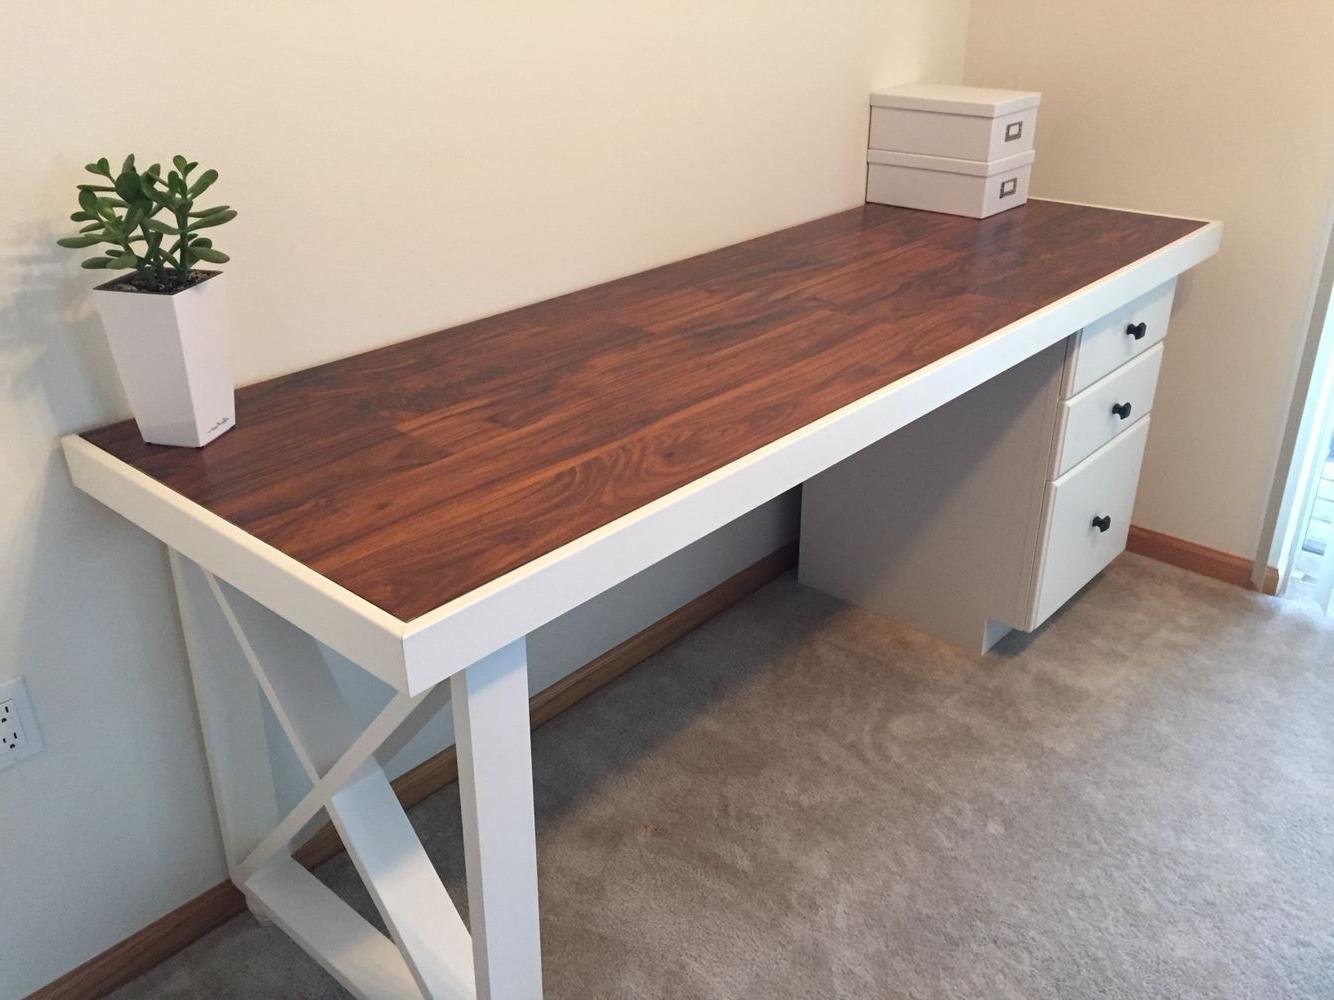 Computer Desks With Doors With Regard To Recent Diy Desk  Old Solid Wood Door Topped With Scrap Laminate, Scrap (View 5 of 20)